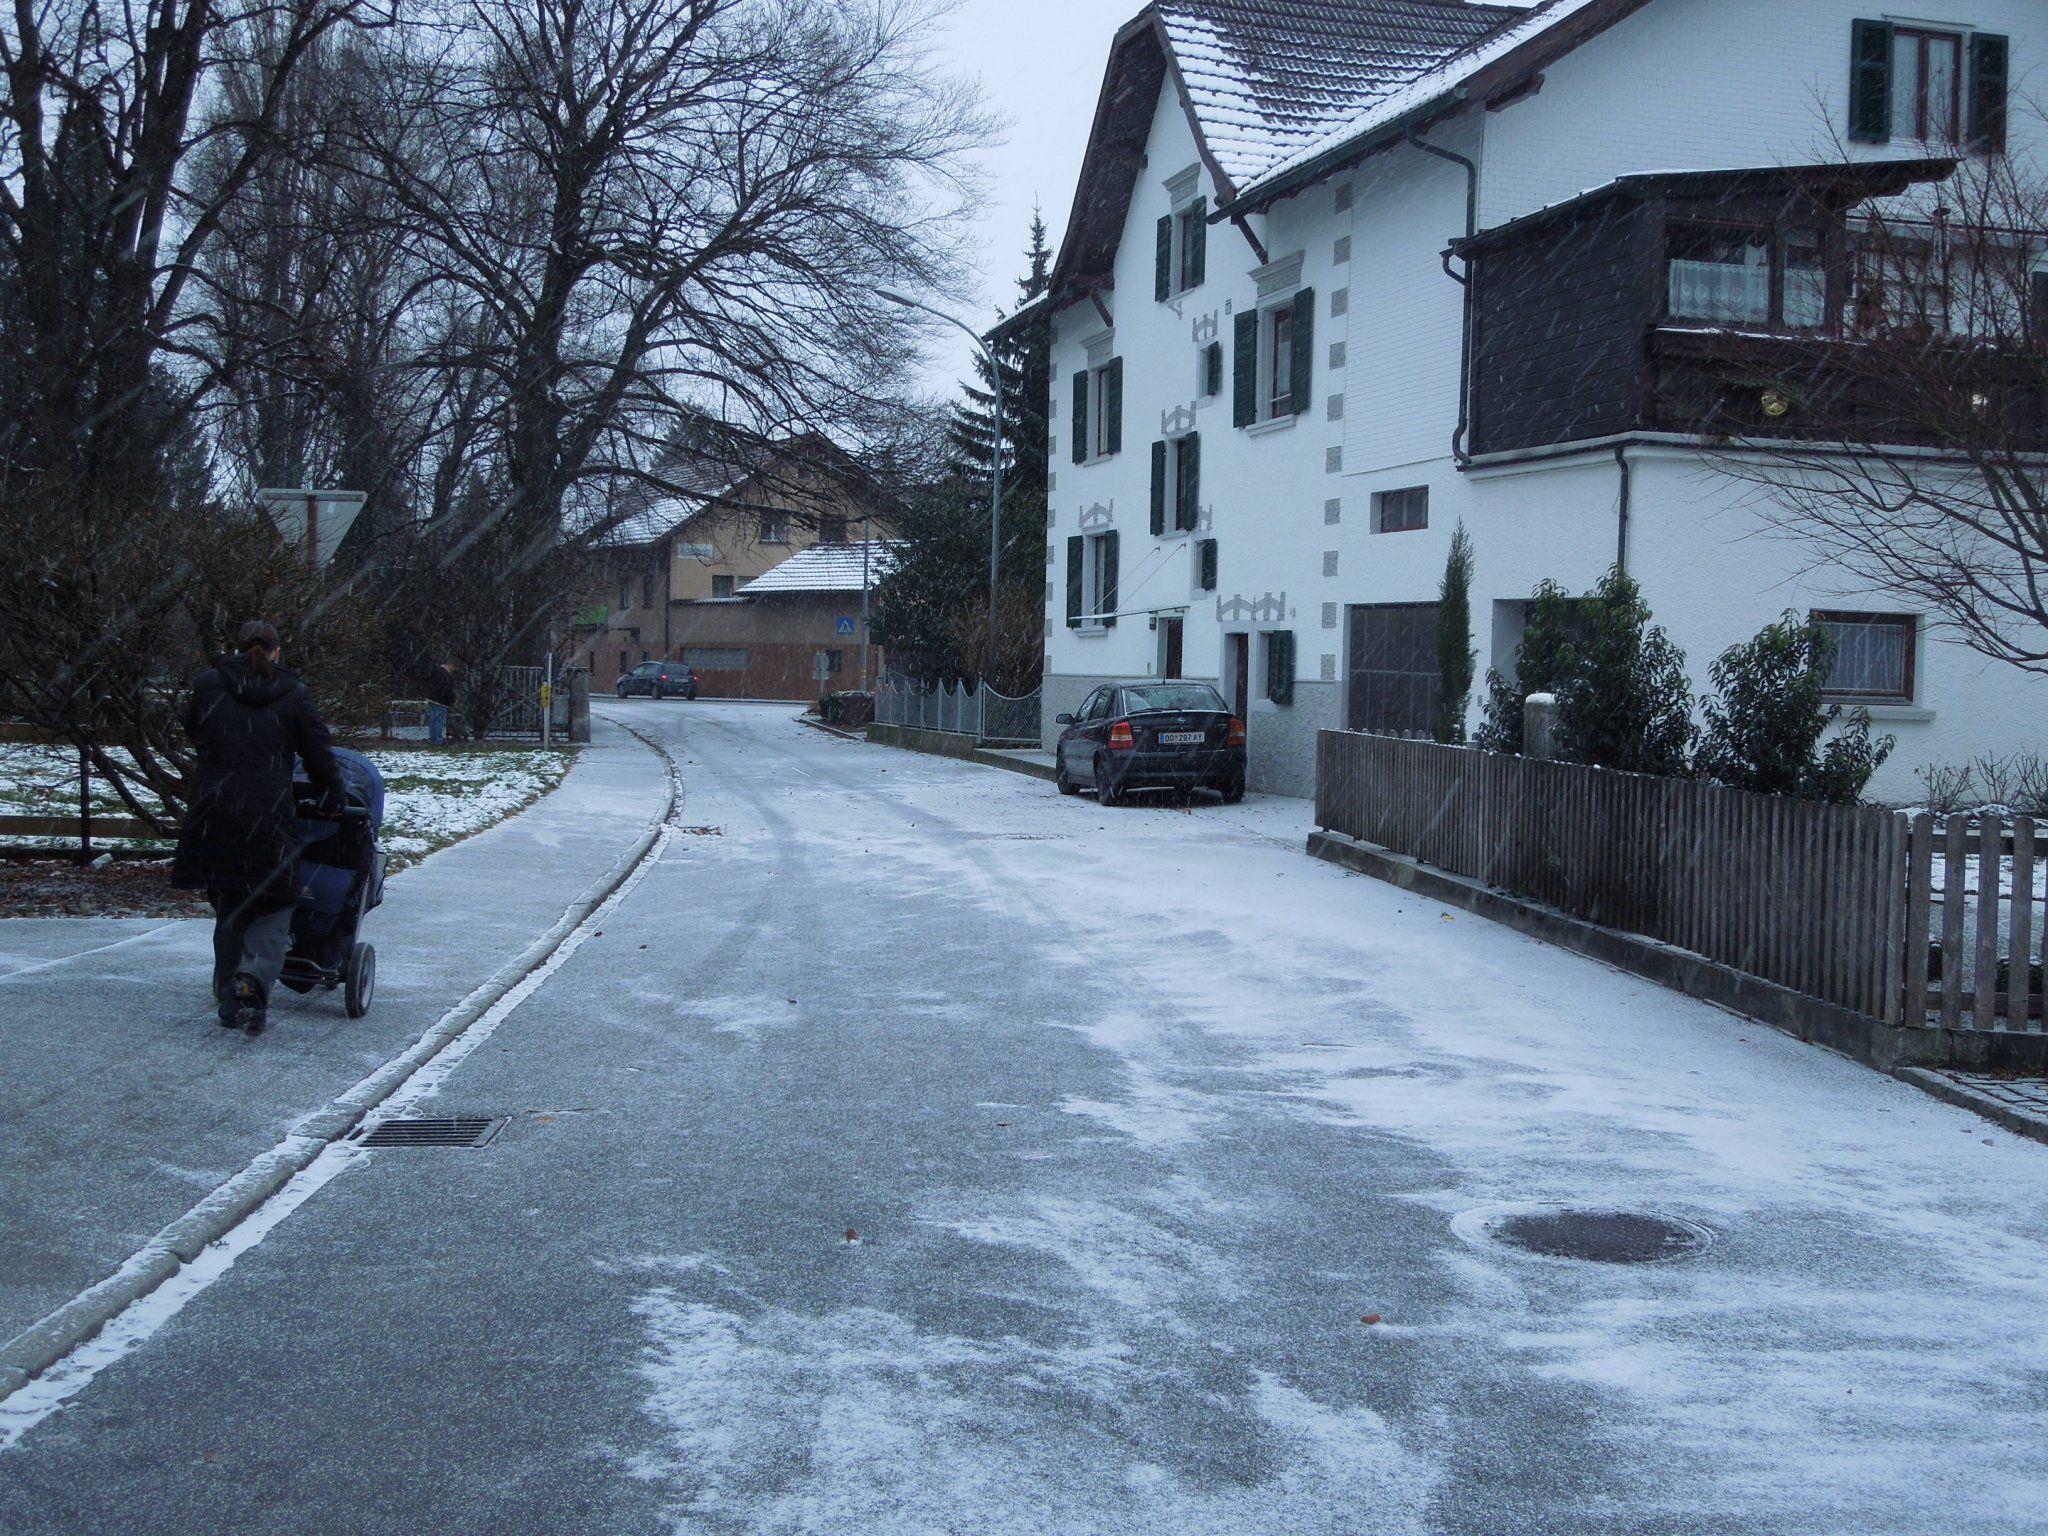 Rudi Petnig schlägt vor, das Straßenstück hinter dem Schuhhaus Günter zur Einbahn zu machen.